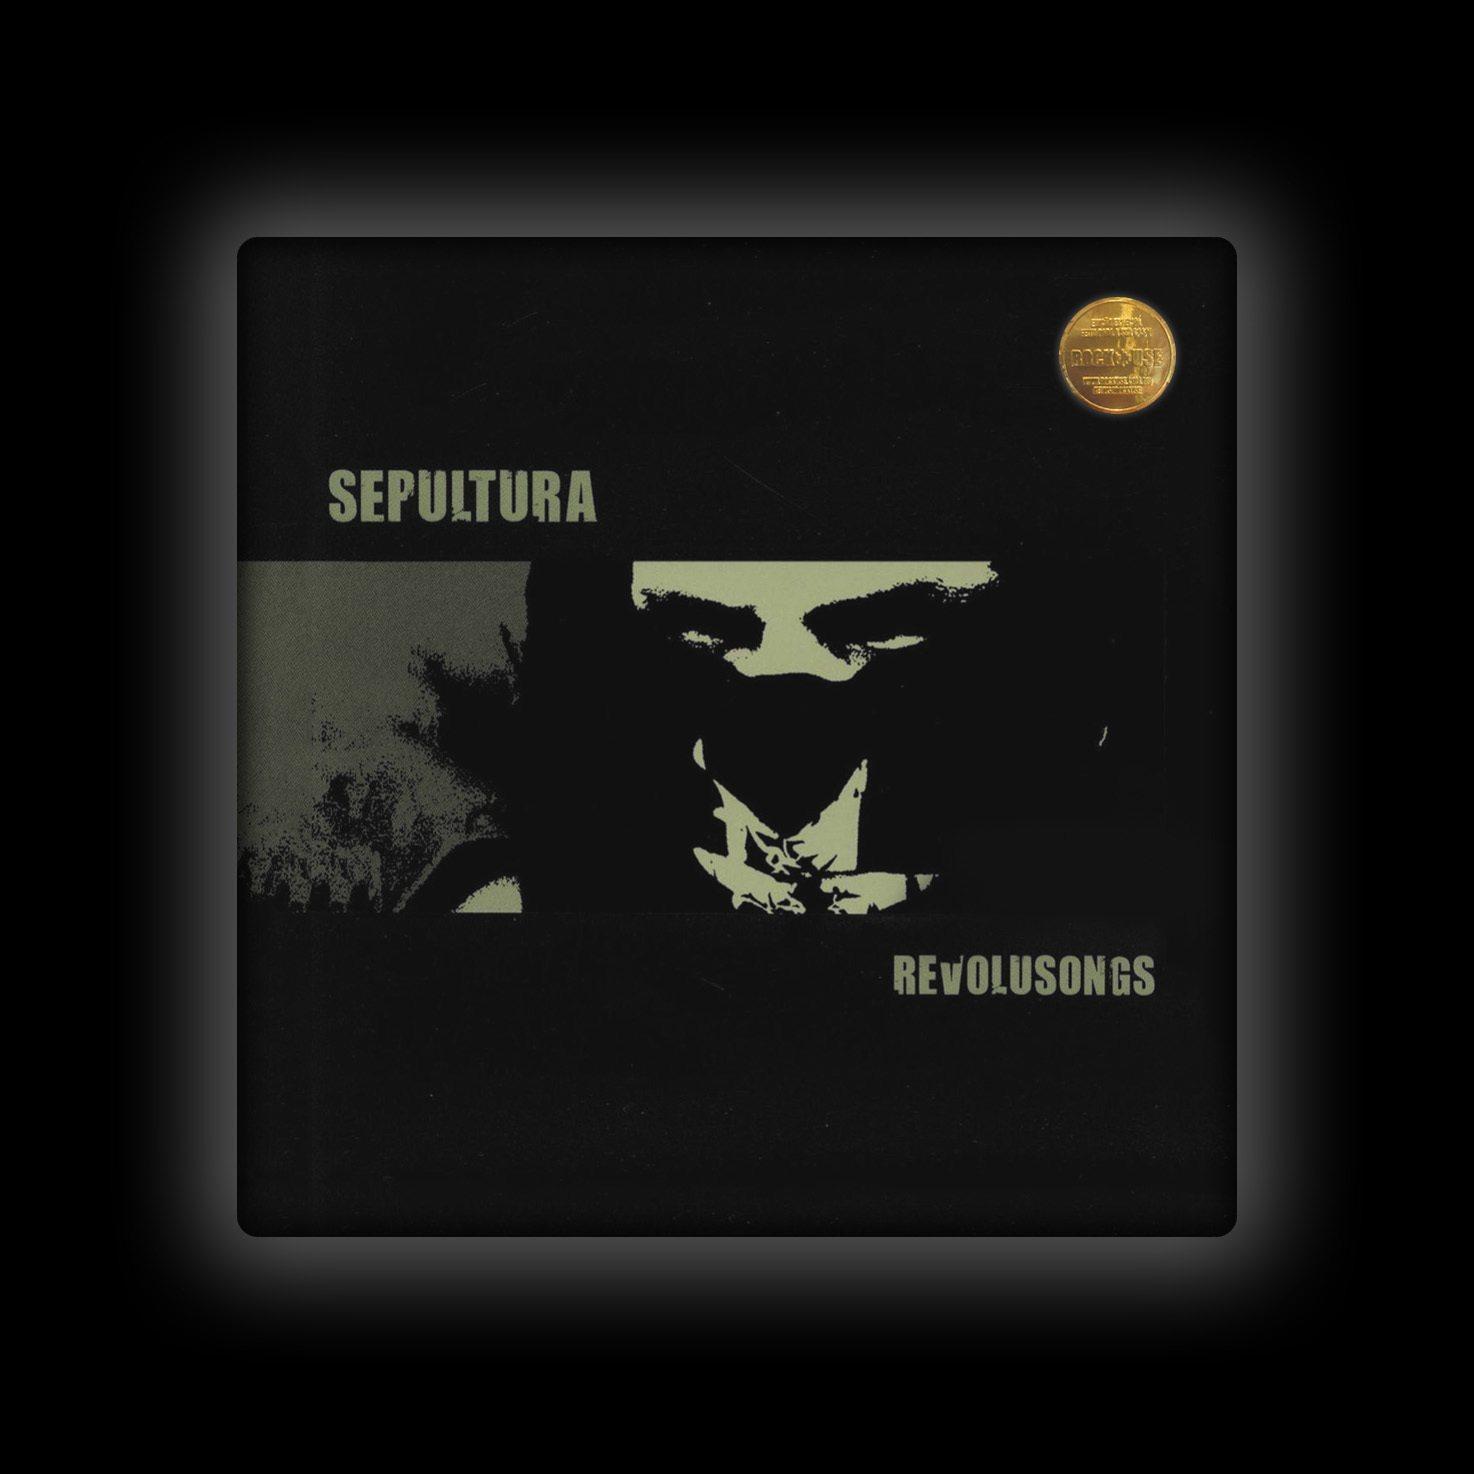 Capa de Almofada Sepultura - Revolusongs